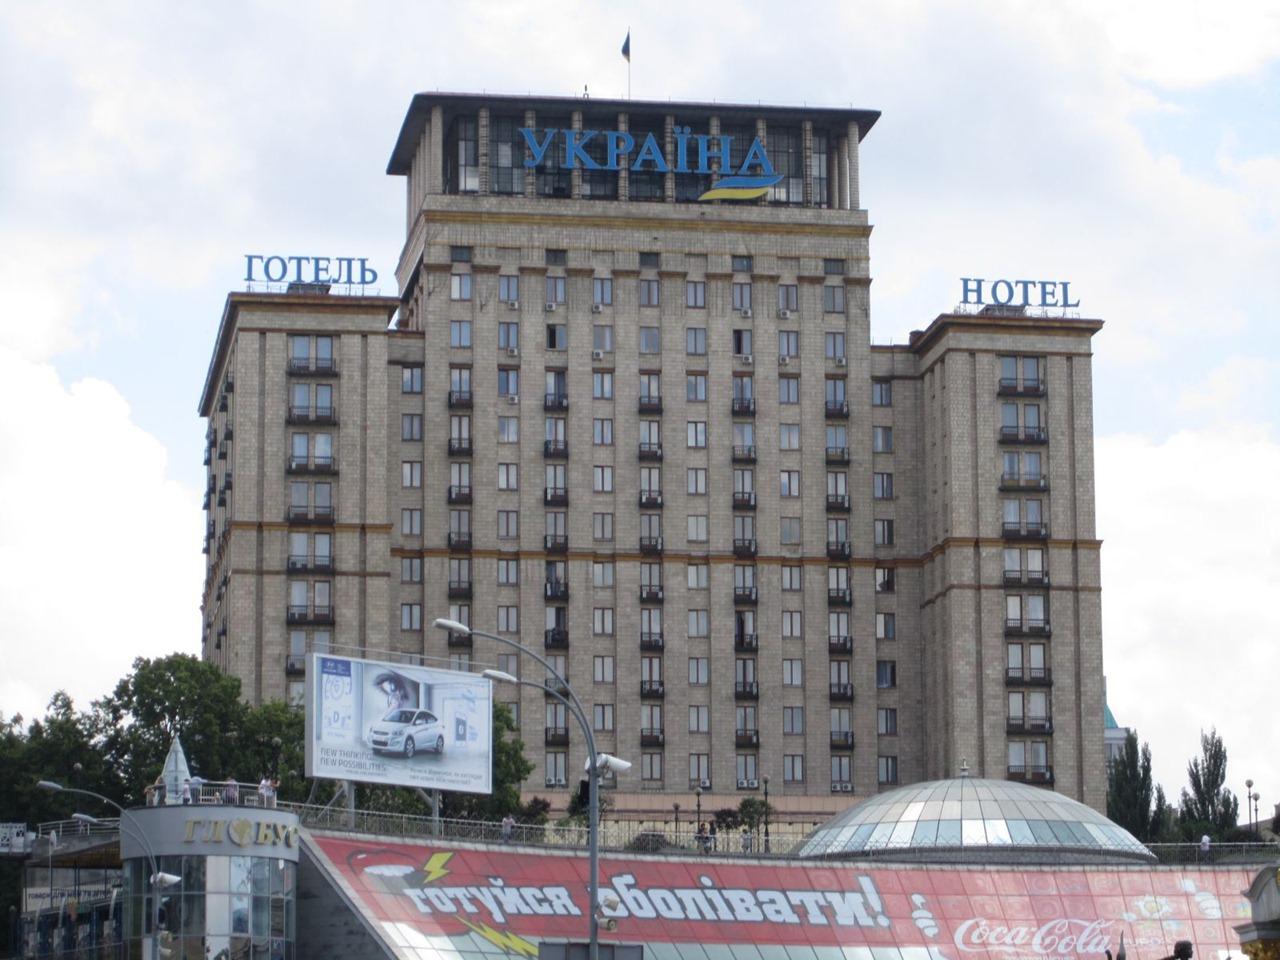 Правоохранители оцепили здание и ищут взрывчатку в Киеве